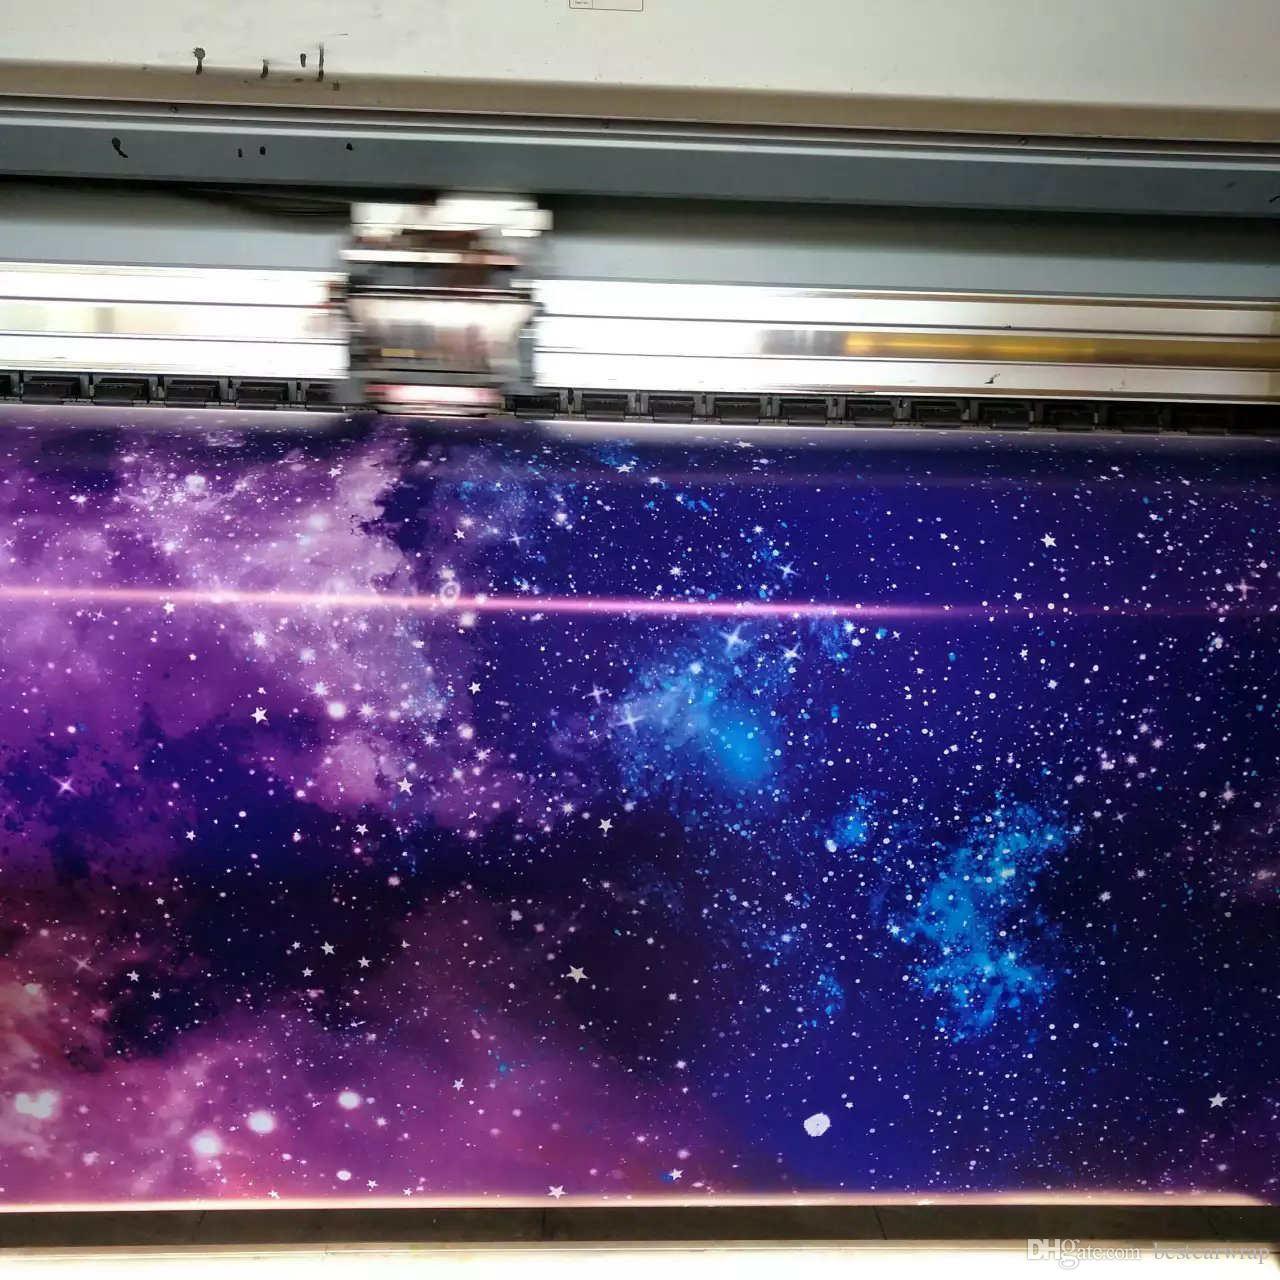 مختلف الألوان المجرة تصميم الفينيل سيارة التفاف السينمائي مع الهواء الشحن التفاف احباط المطبوعة الفينيل التفاف ملصقات السيارة بأكملها تغطي احباط 1.52x30 متر / لفة